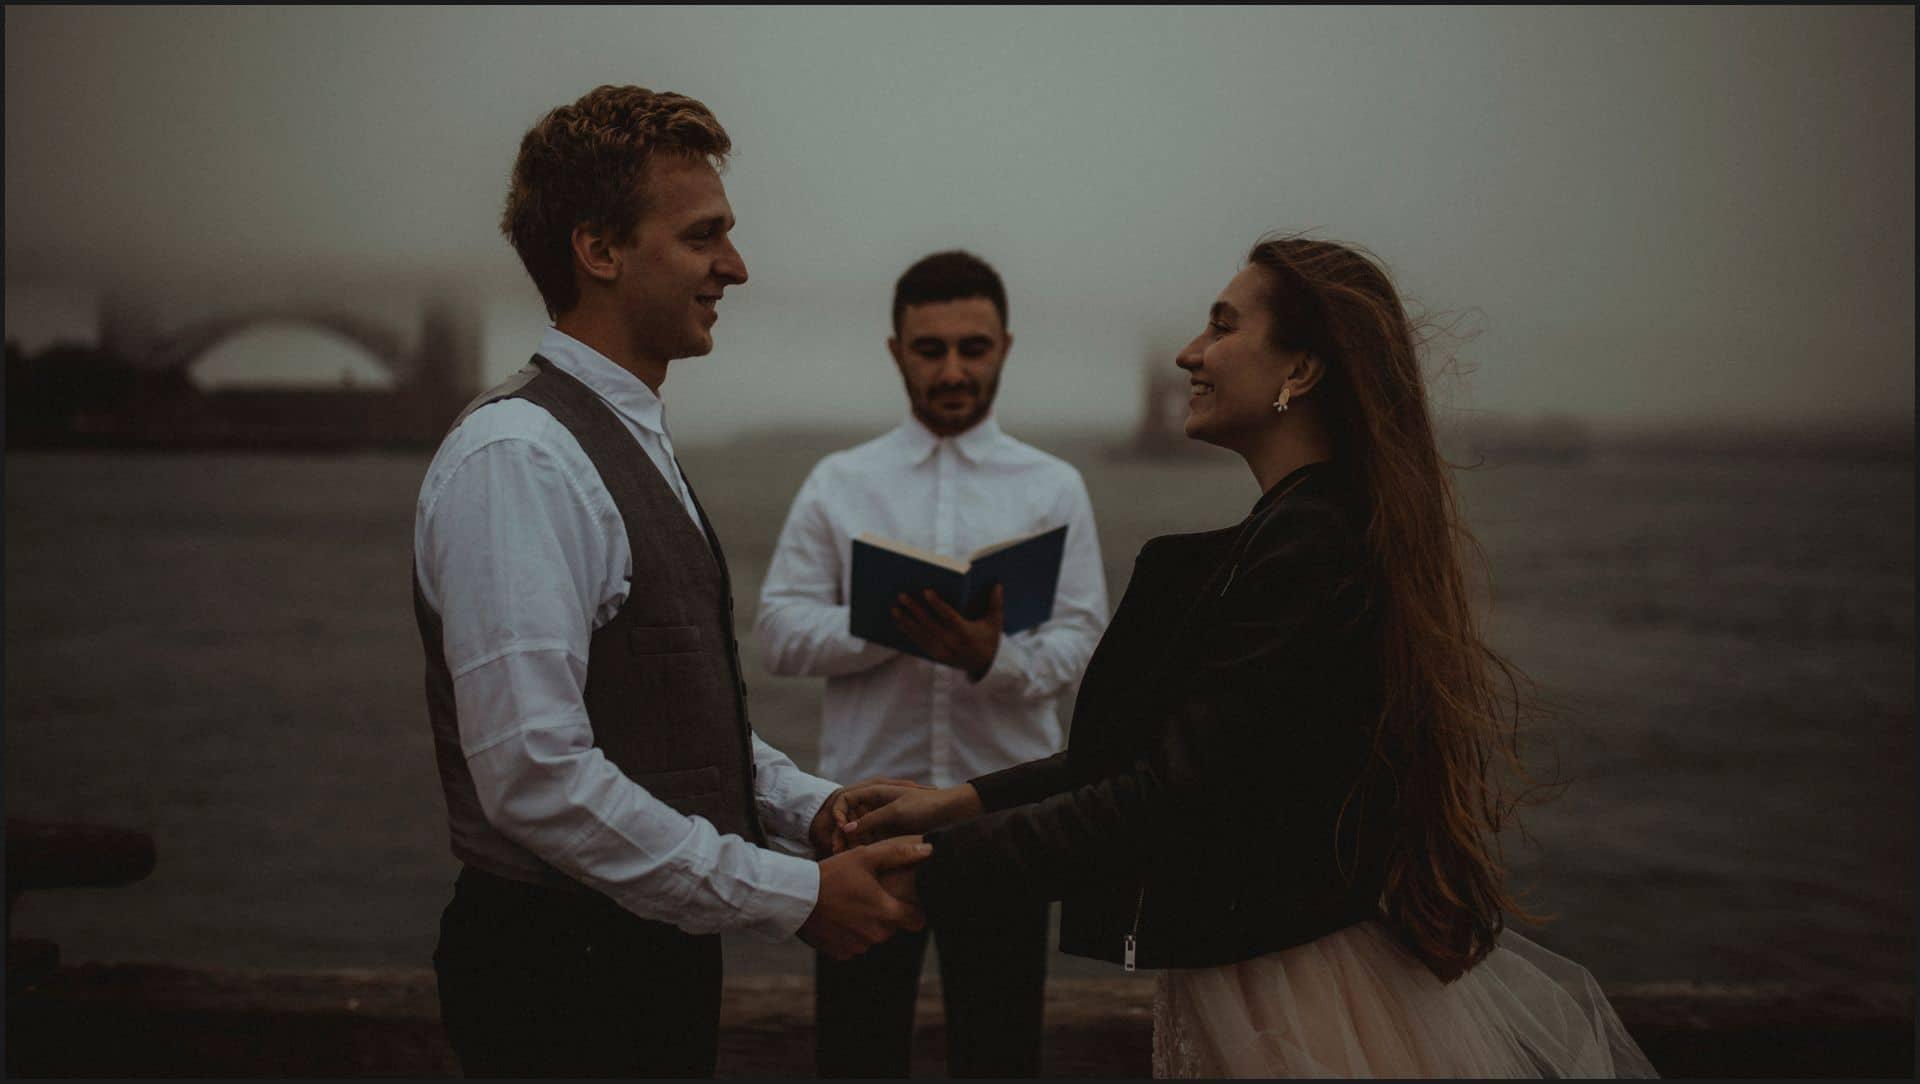 san francisco, california, elopement wedding, bride, groom, symbolic, ceremony